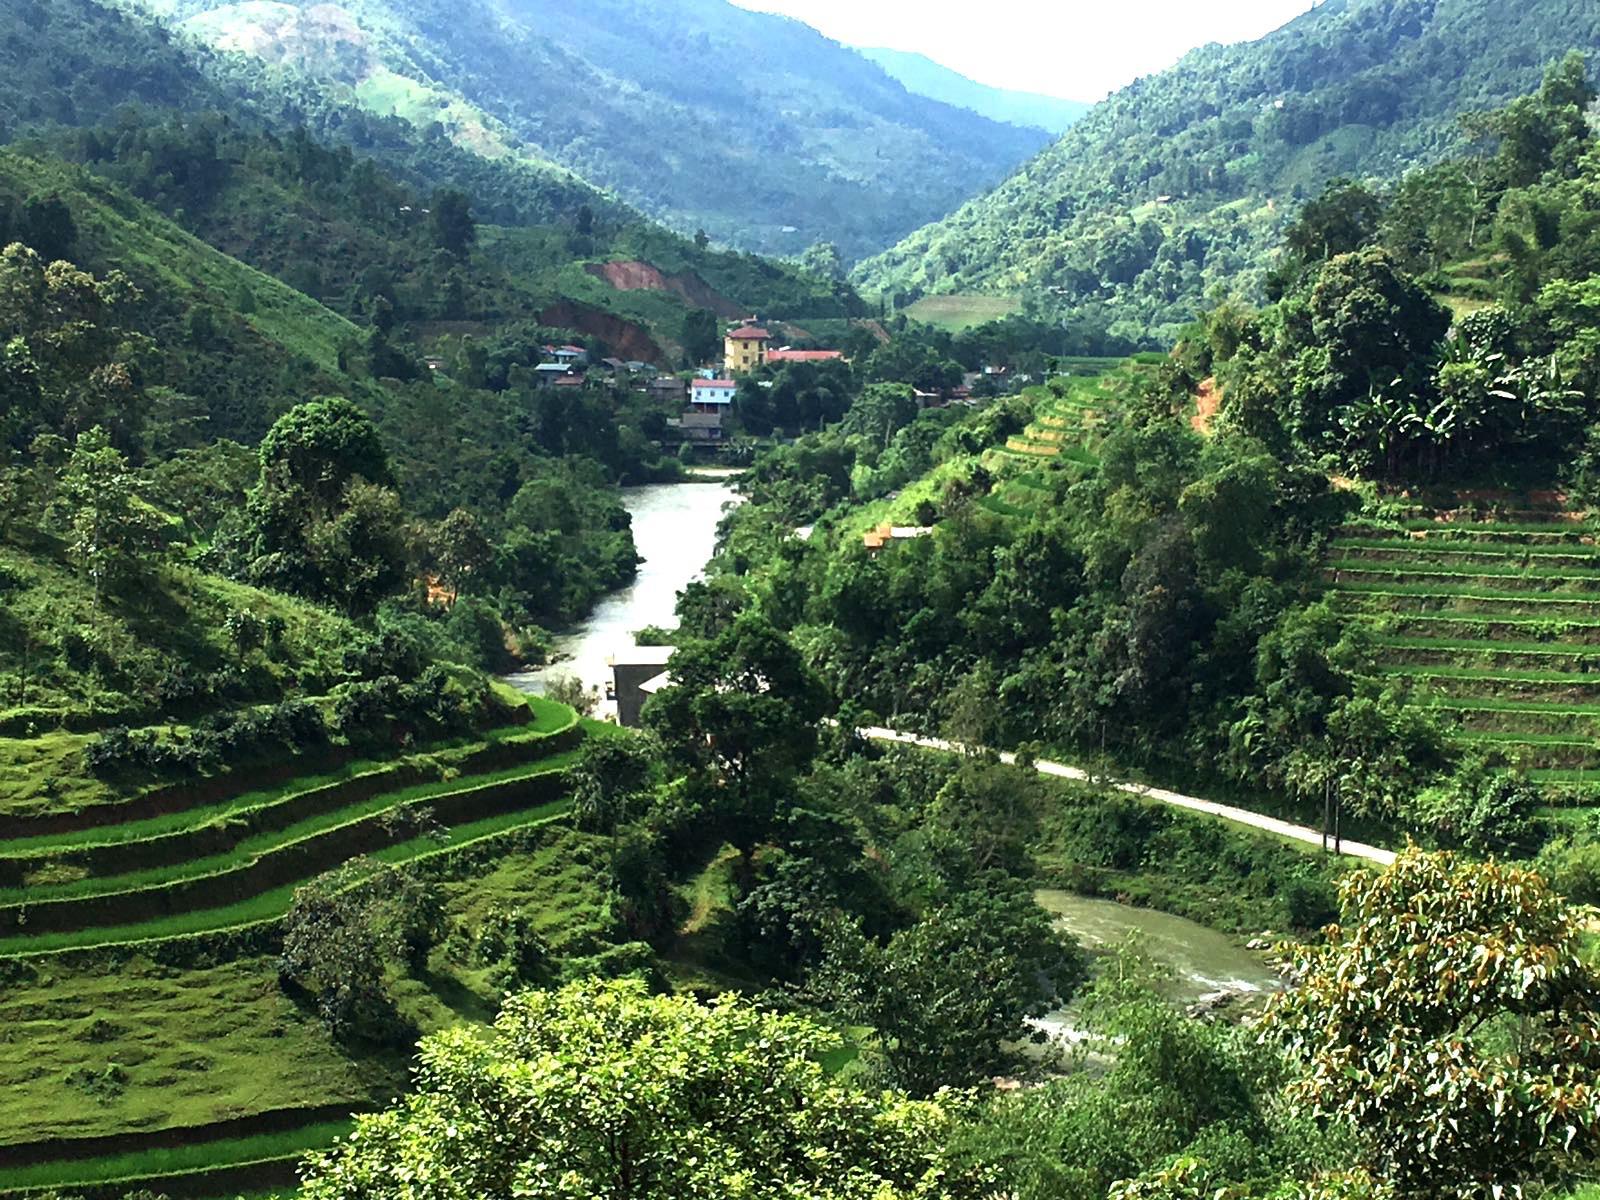 טיול לשומרי מסורת בוייטנאם